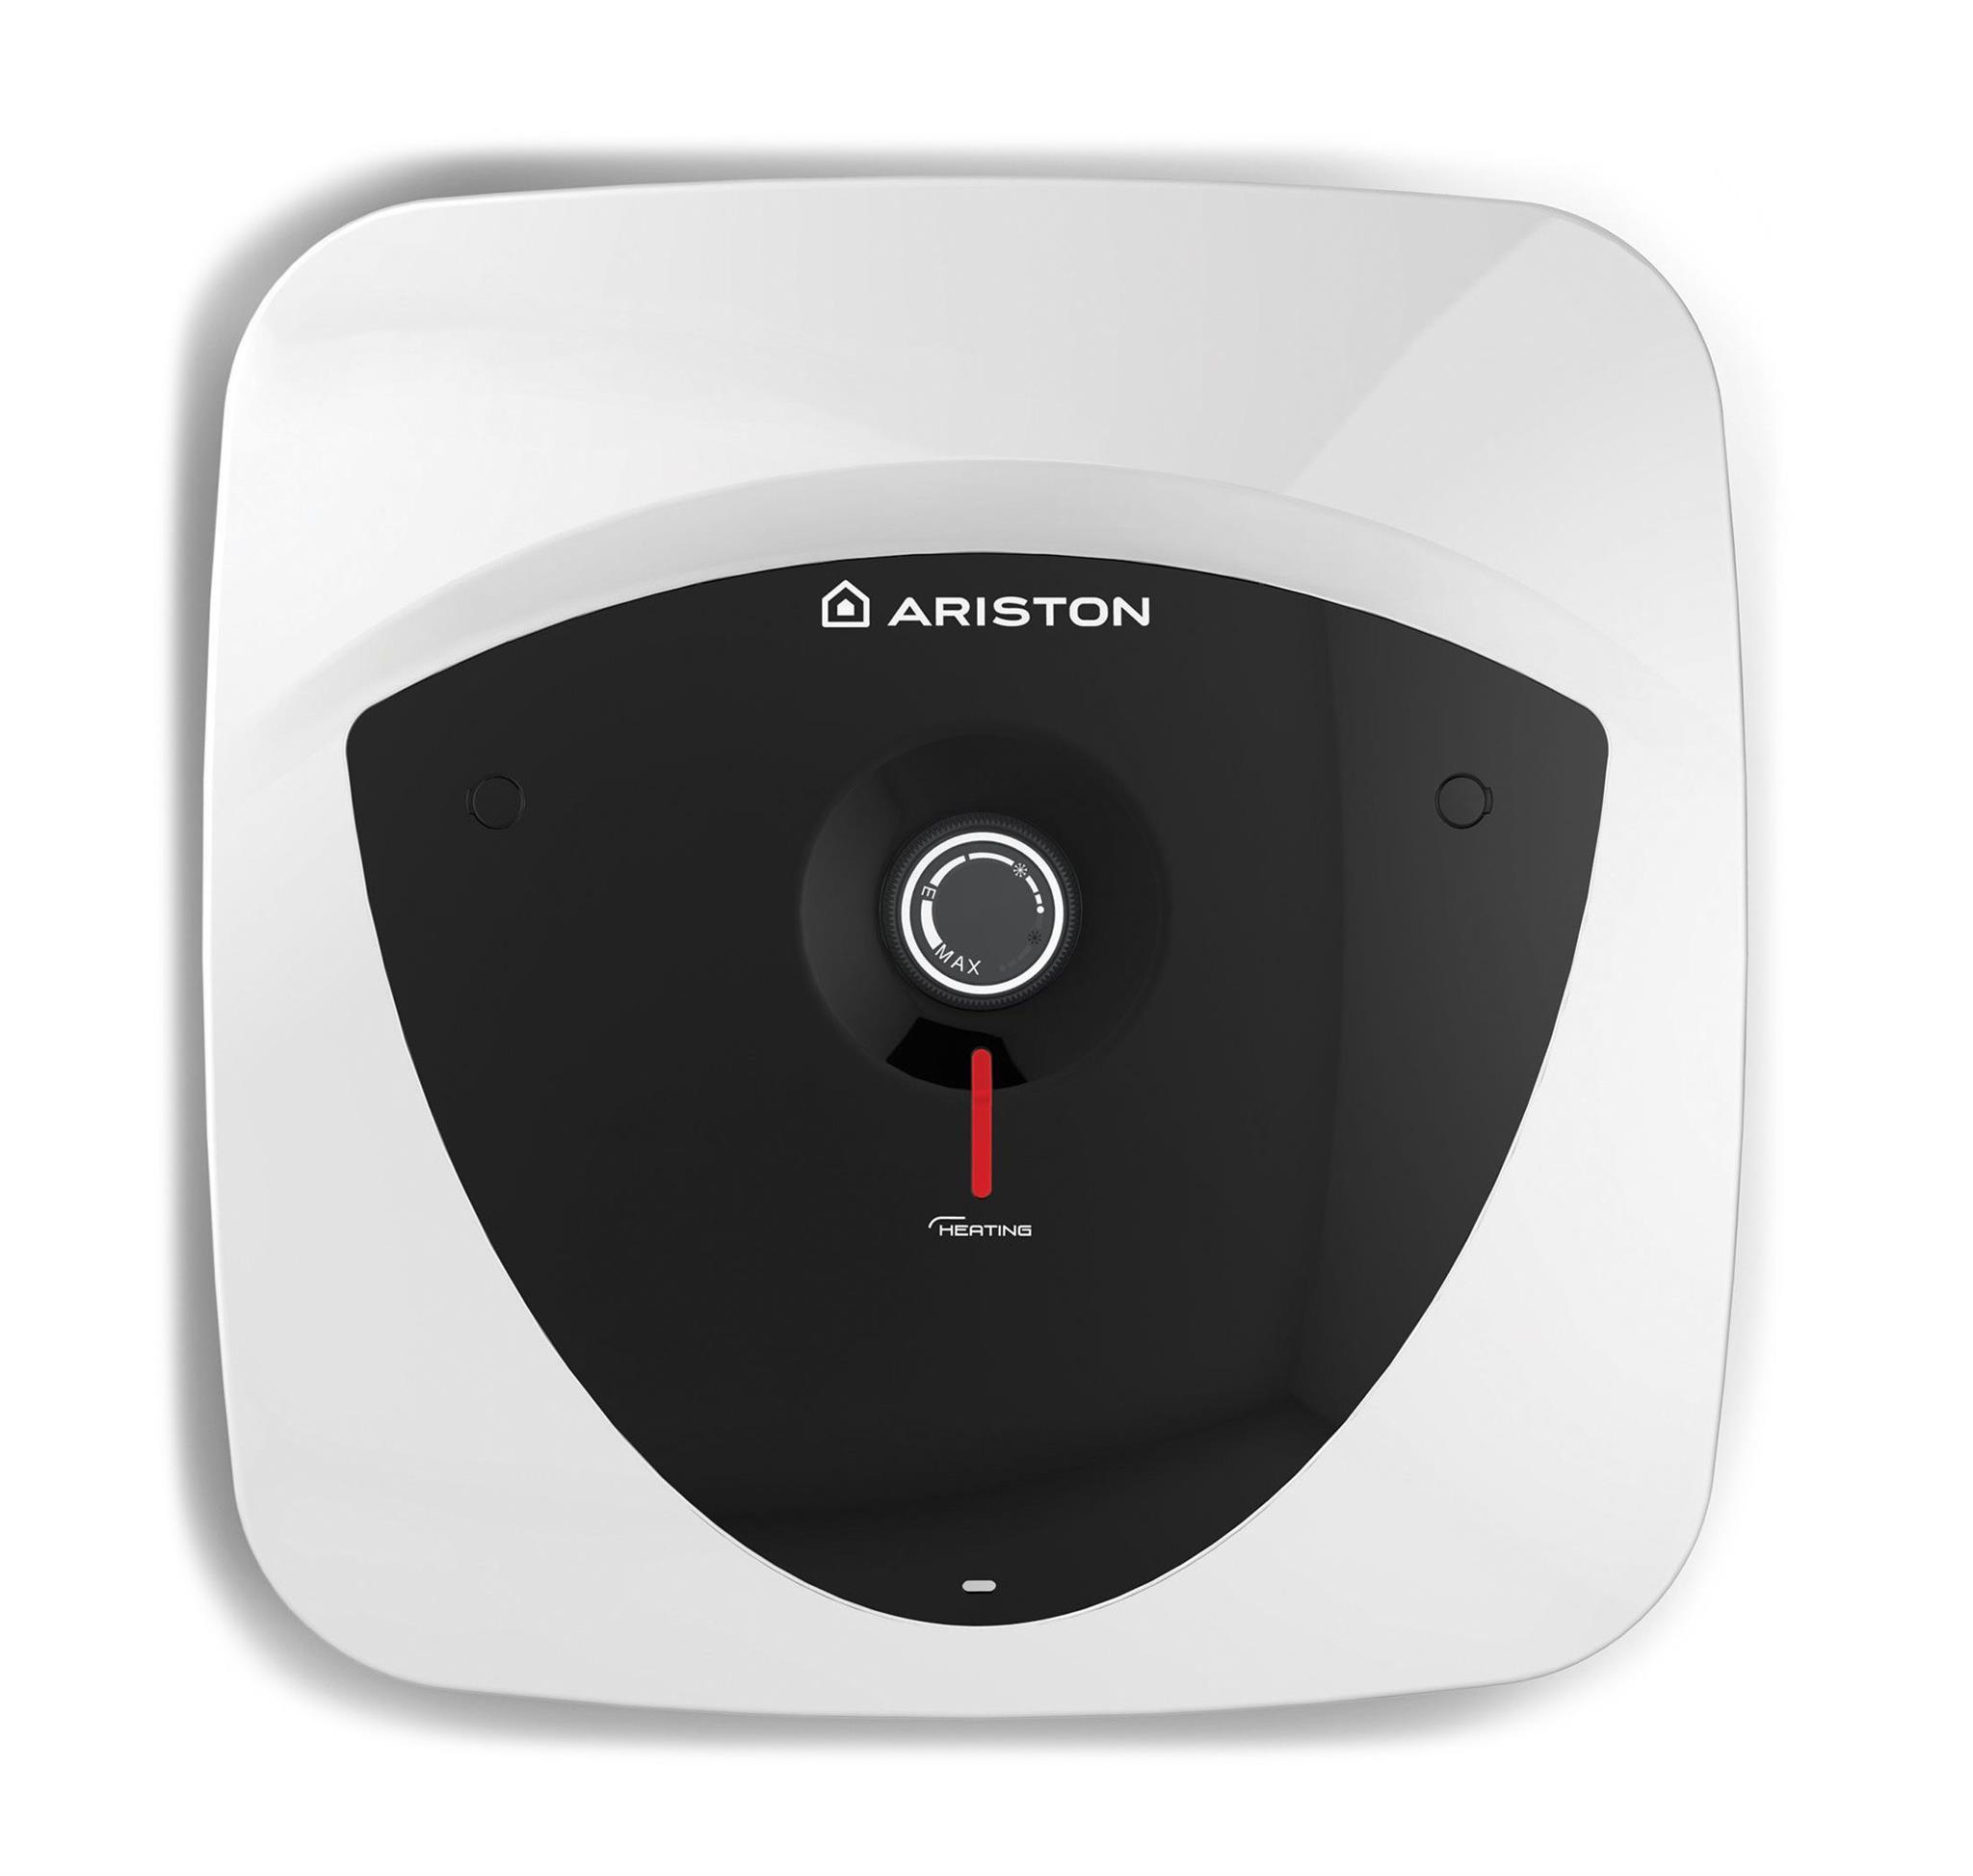 Elektrický ohřívač vody Ariston ANDRIS LUX 15U 2,0kW, spodní